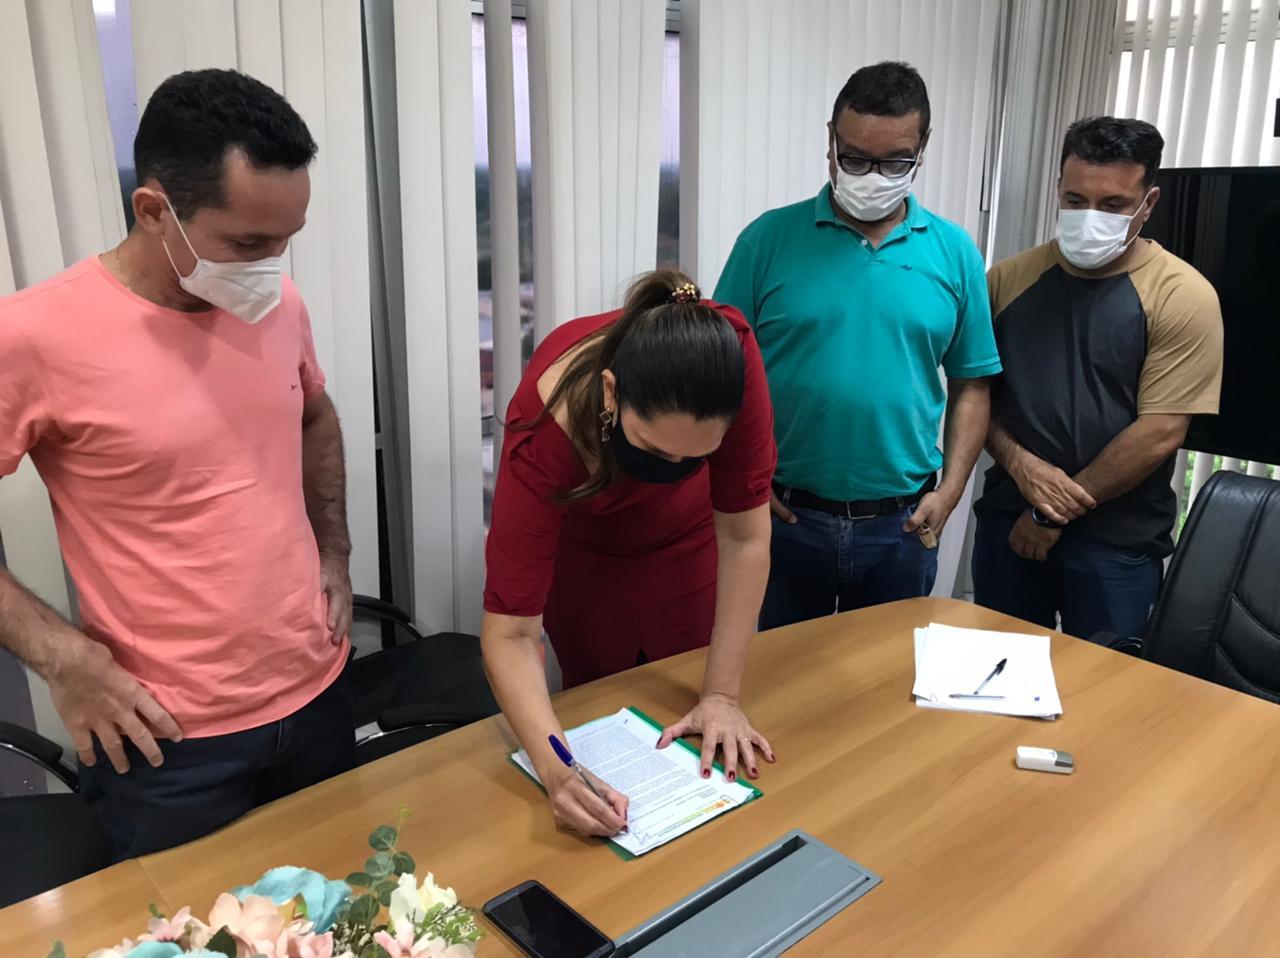 Estado assina minuta de reformulação do PCCR dos servidores da Saúde